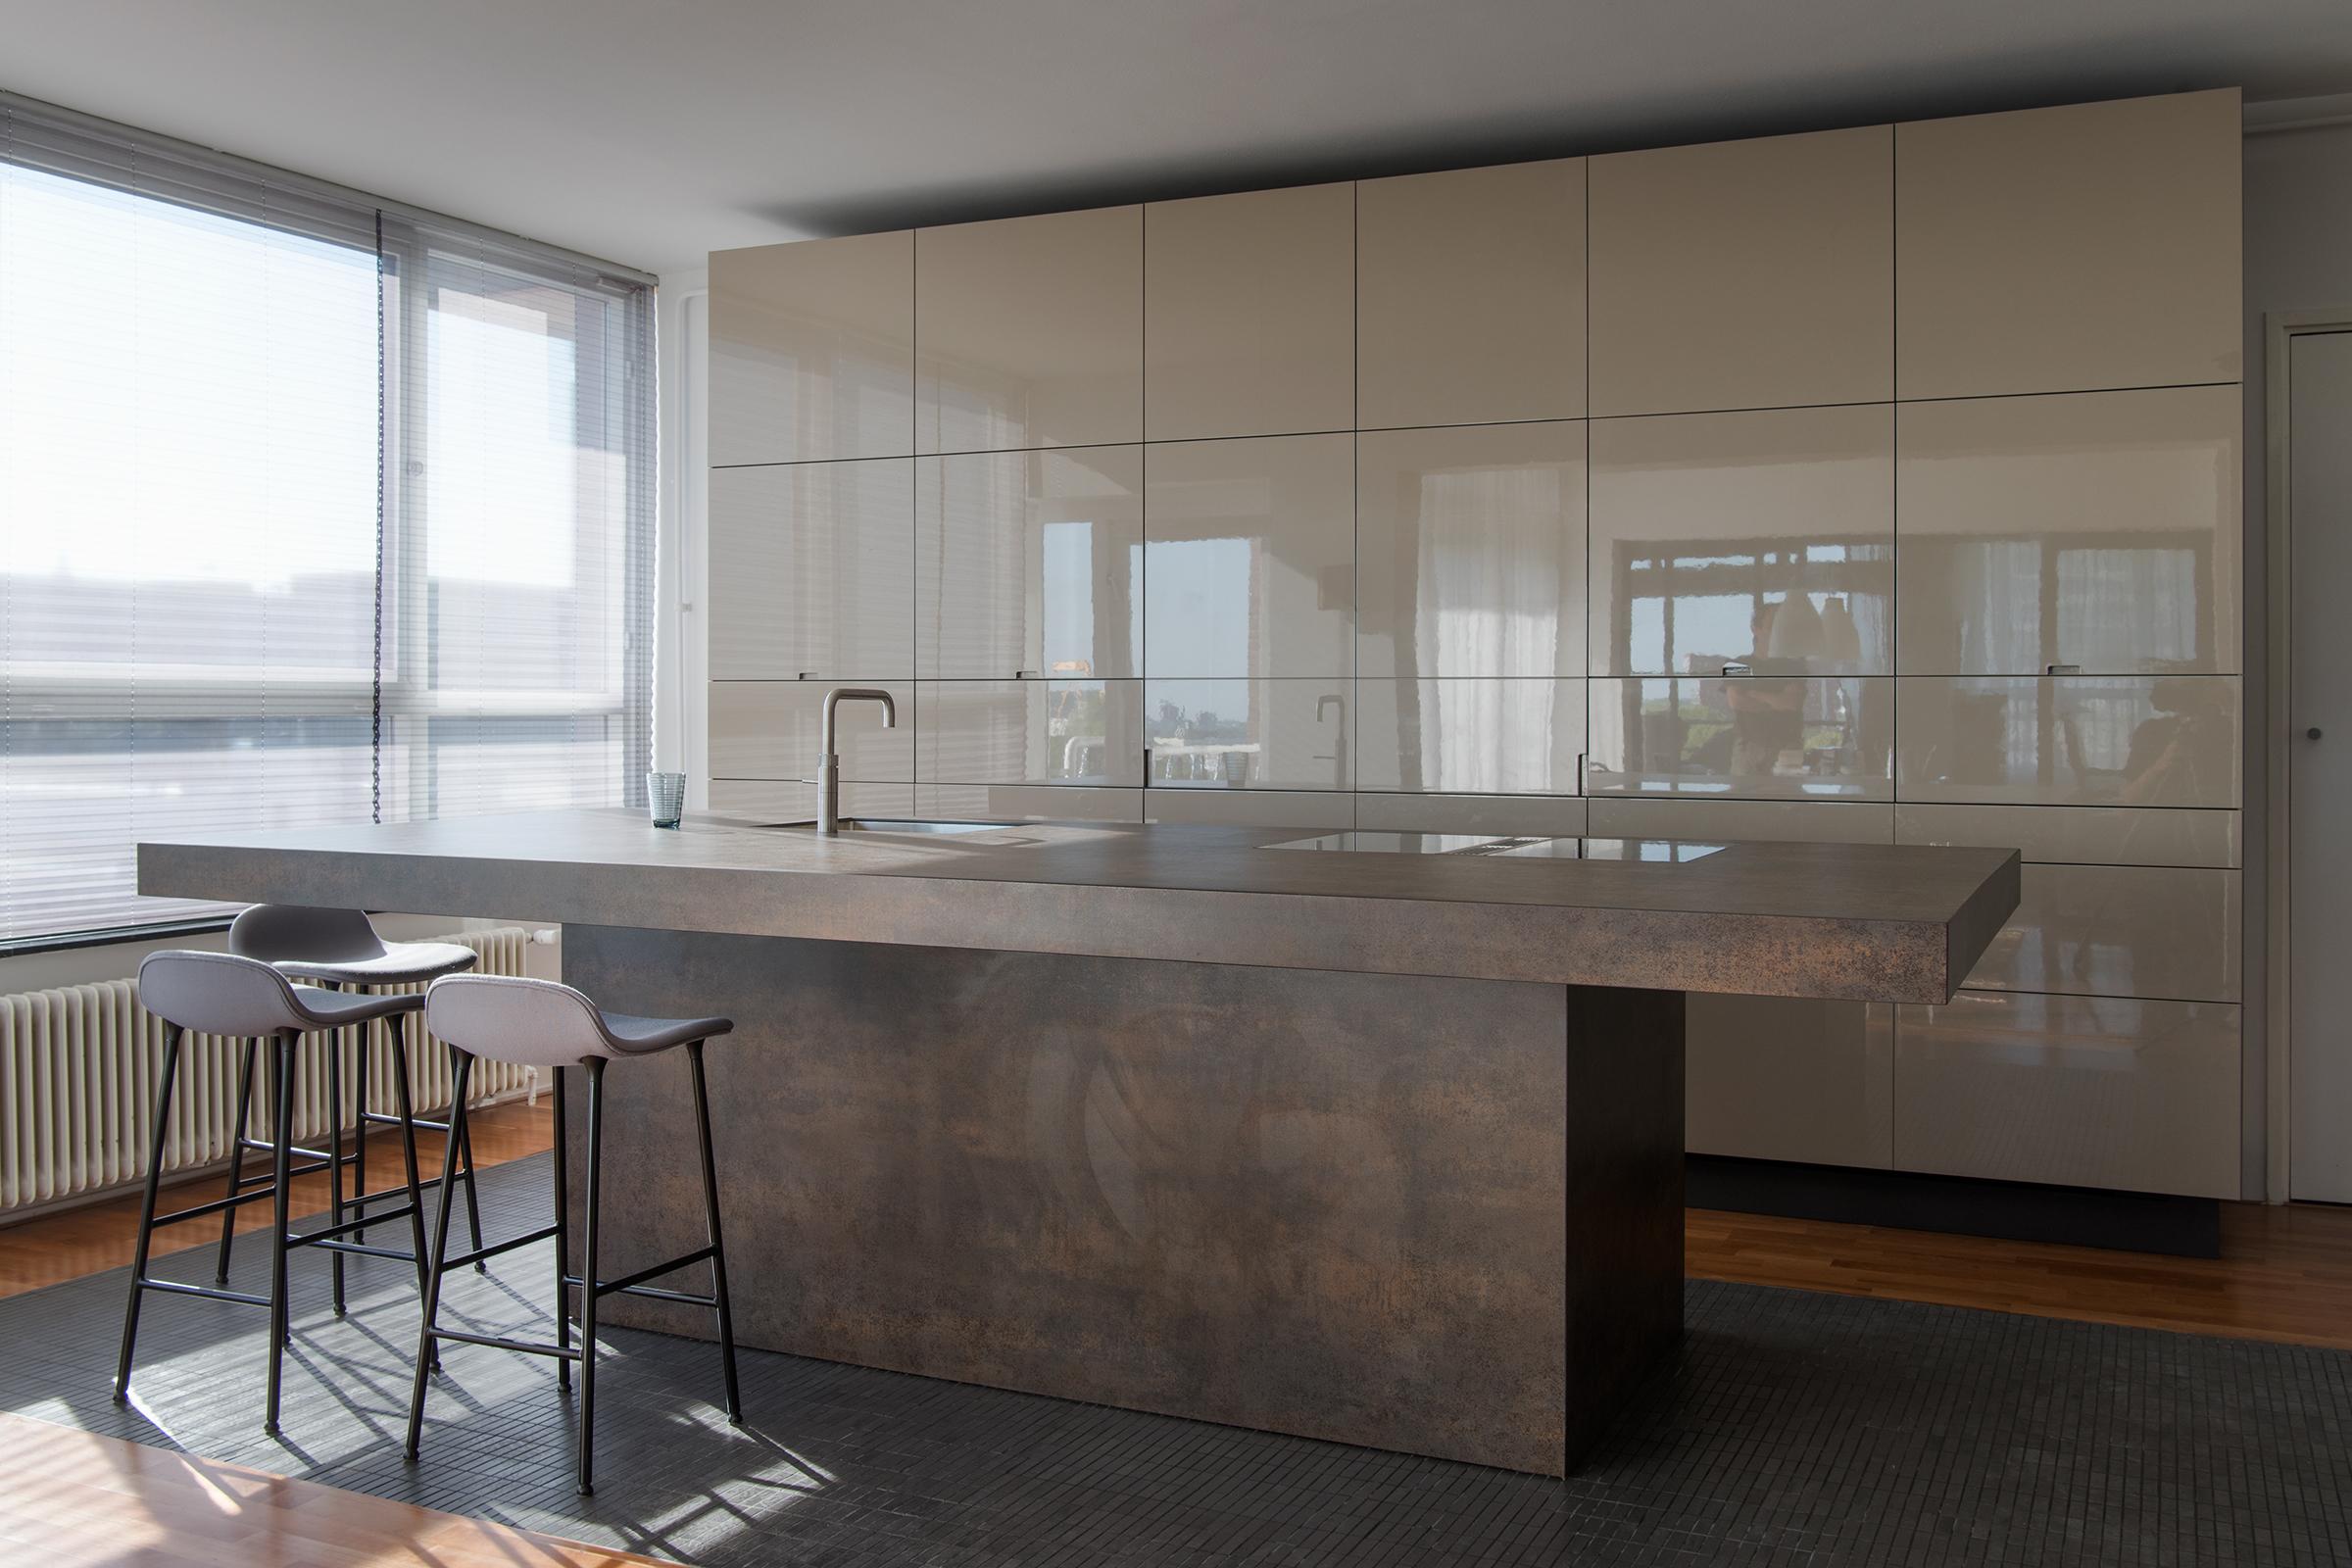 Ben-Hiddink-keuken-Rotterdam-117